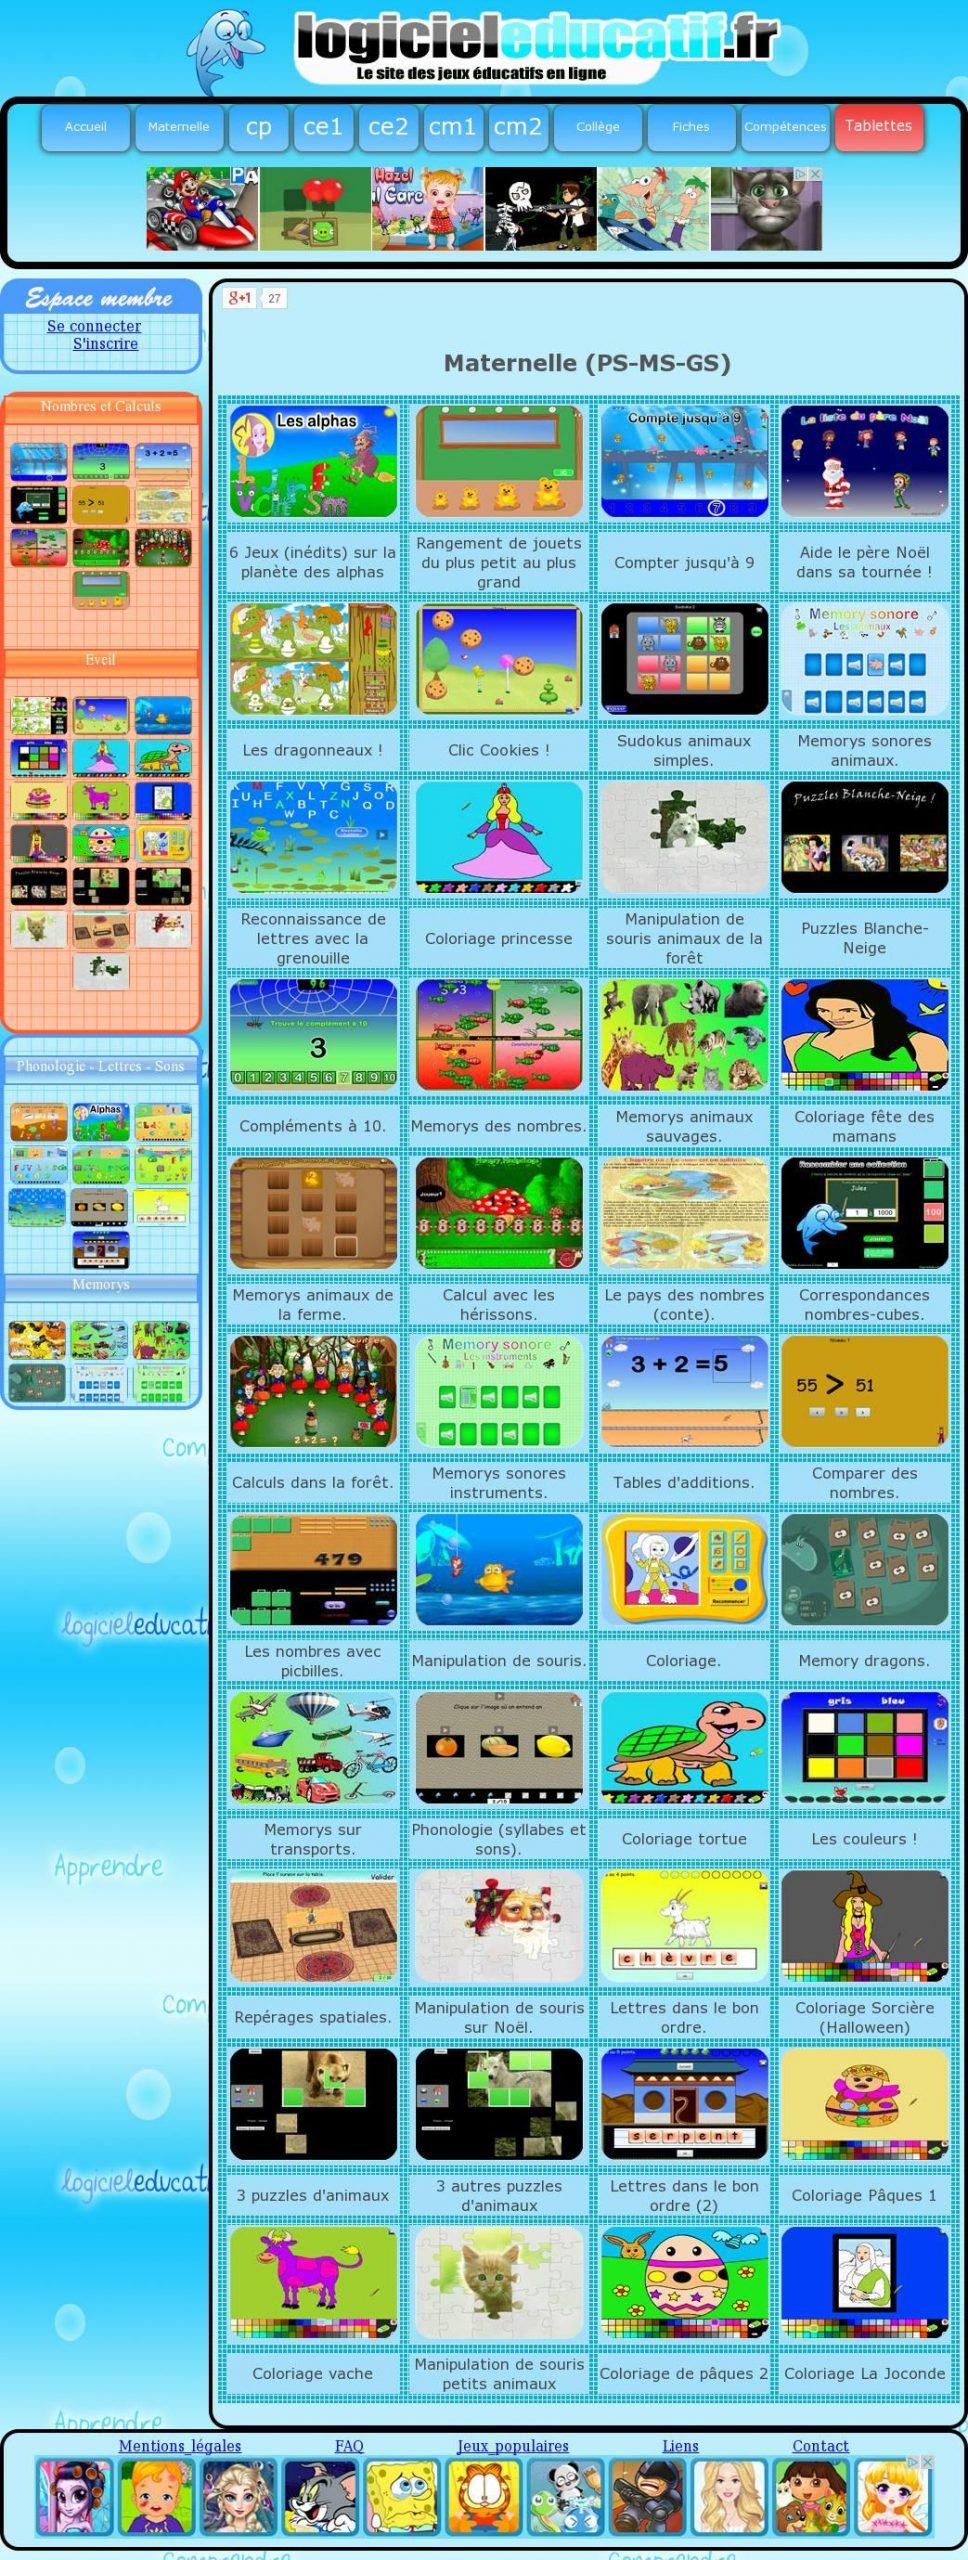 Logiciel Éducatif : Jeux Éducatifs Gratuits En Ligne De La avec Jeux Pédagogiques En Ligne